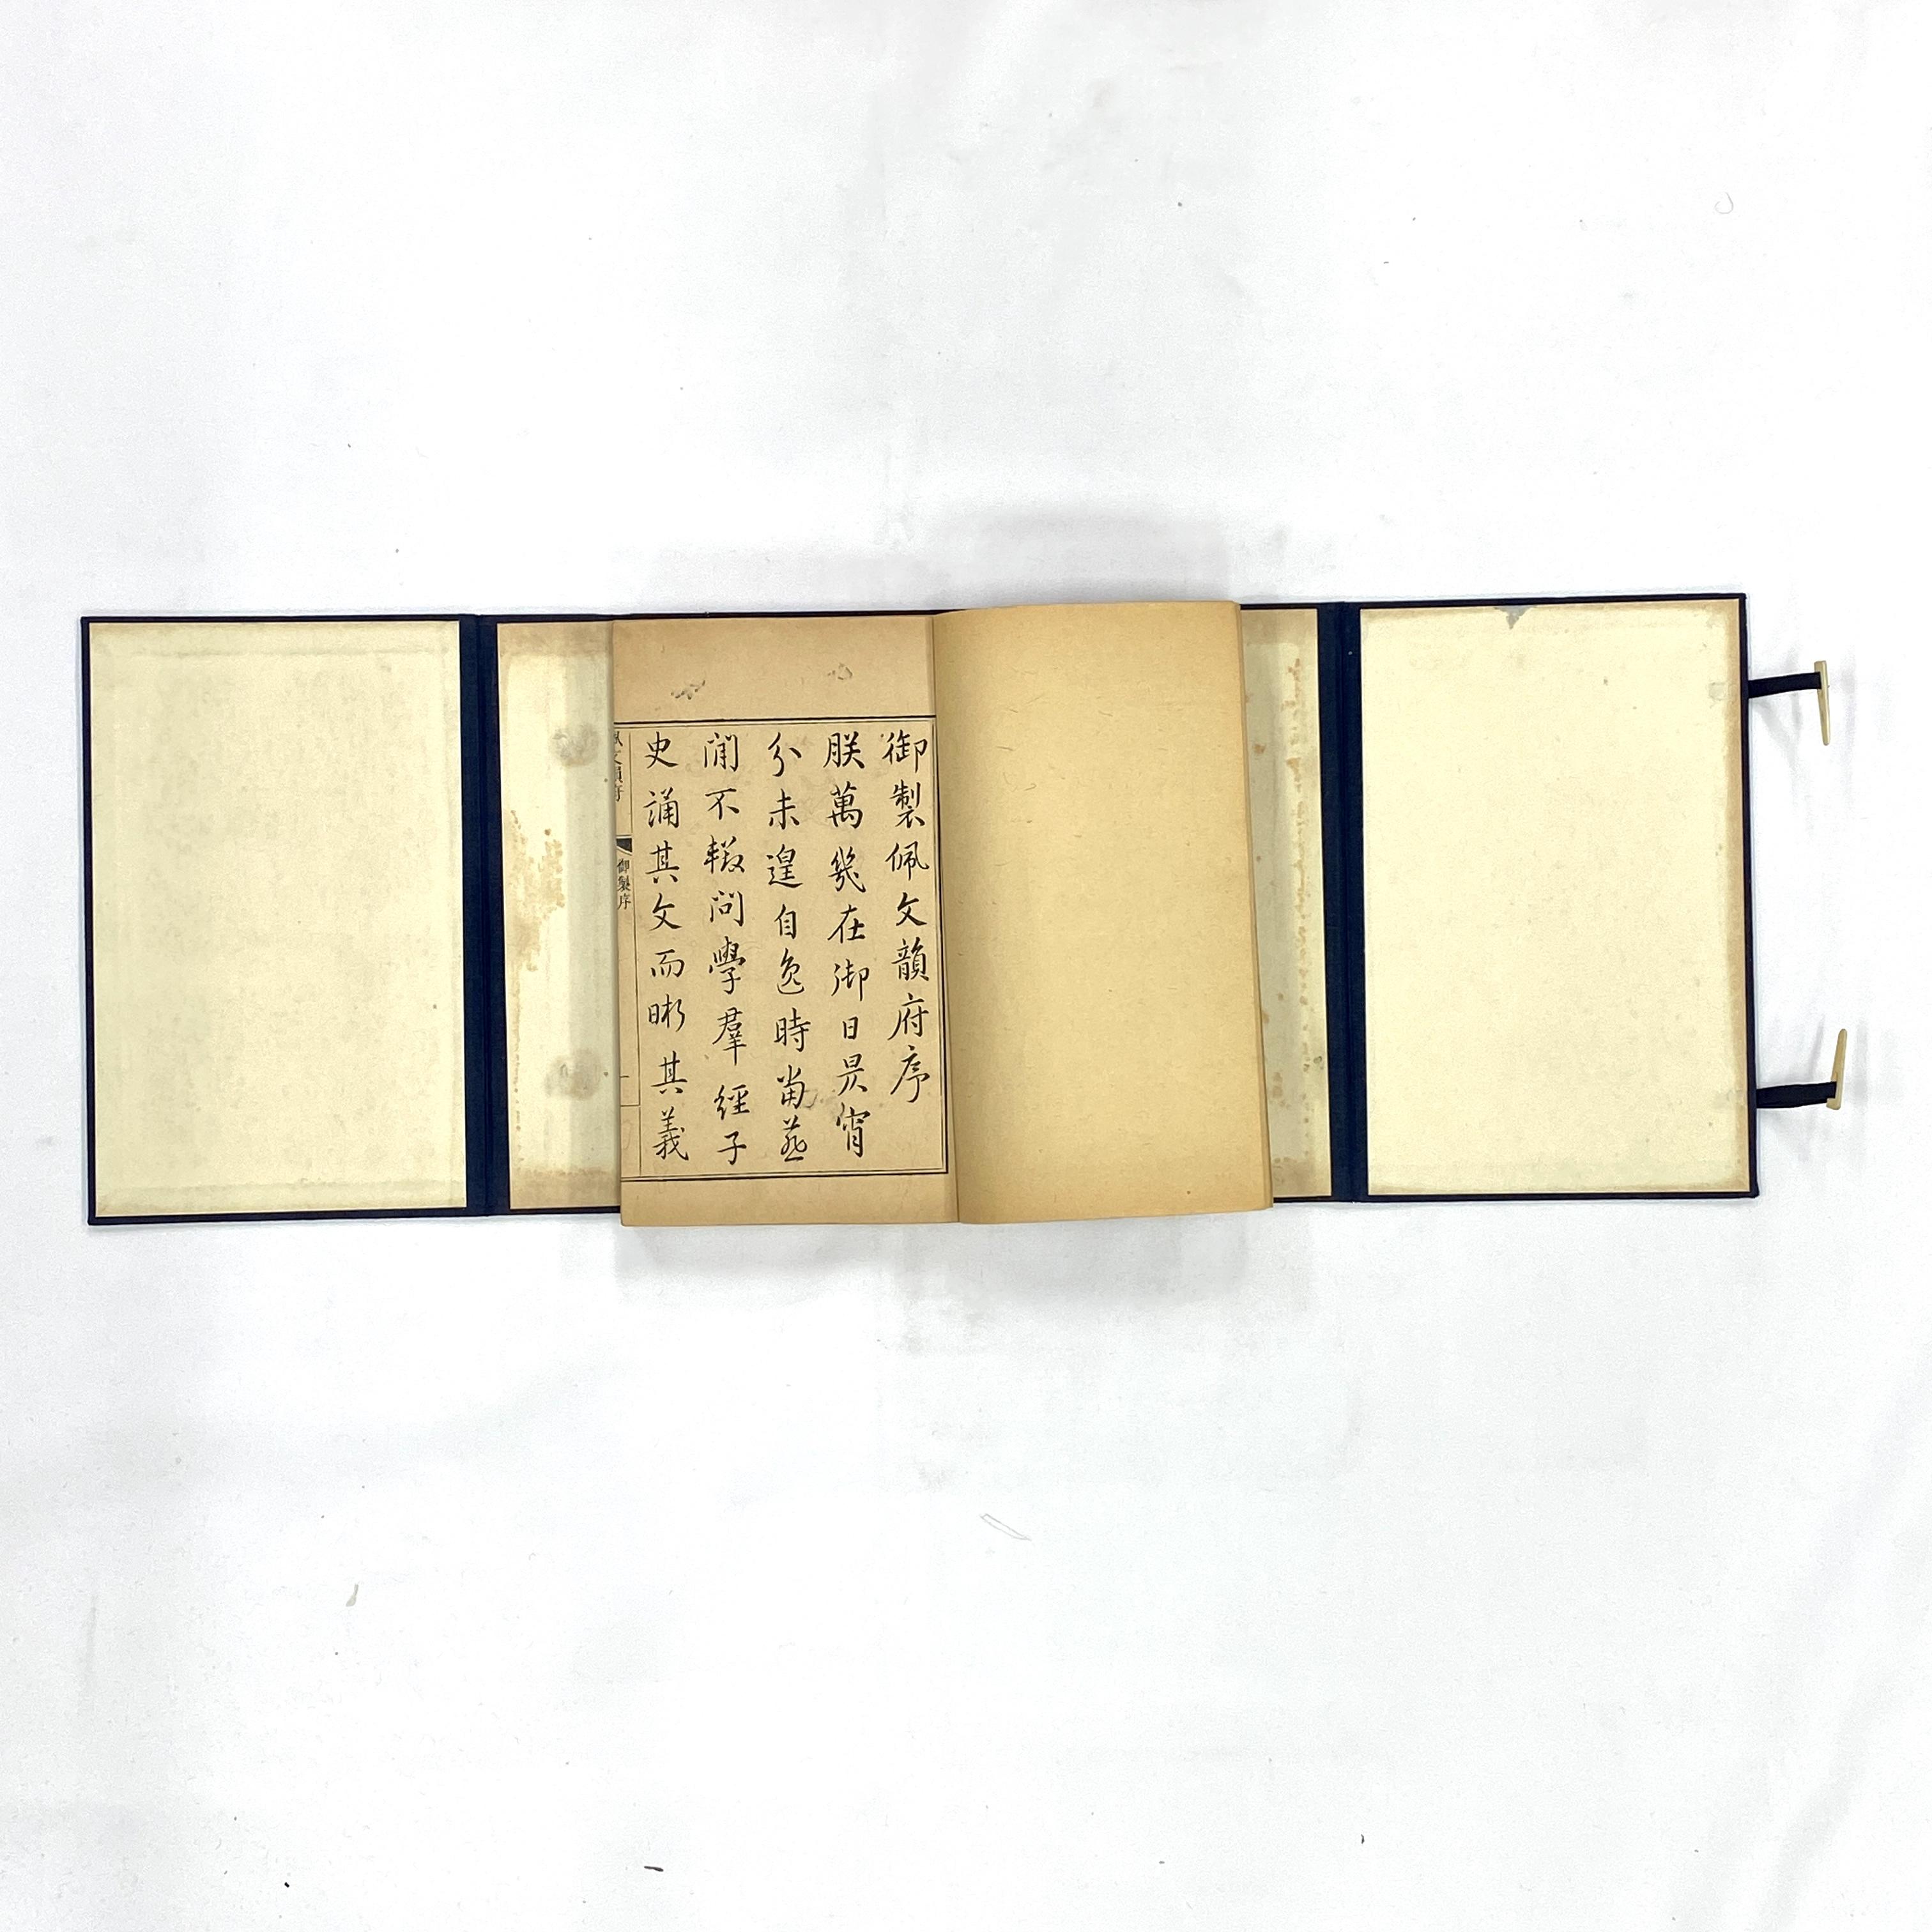 20681「佩文韻府」全106冊22×14.5cm